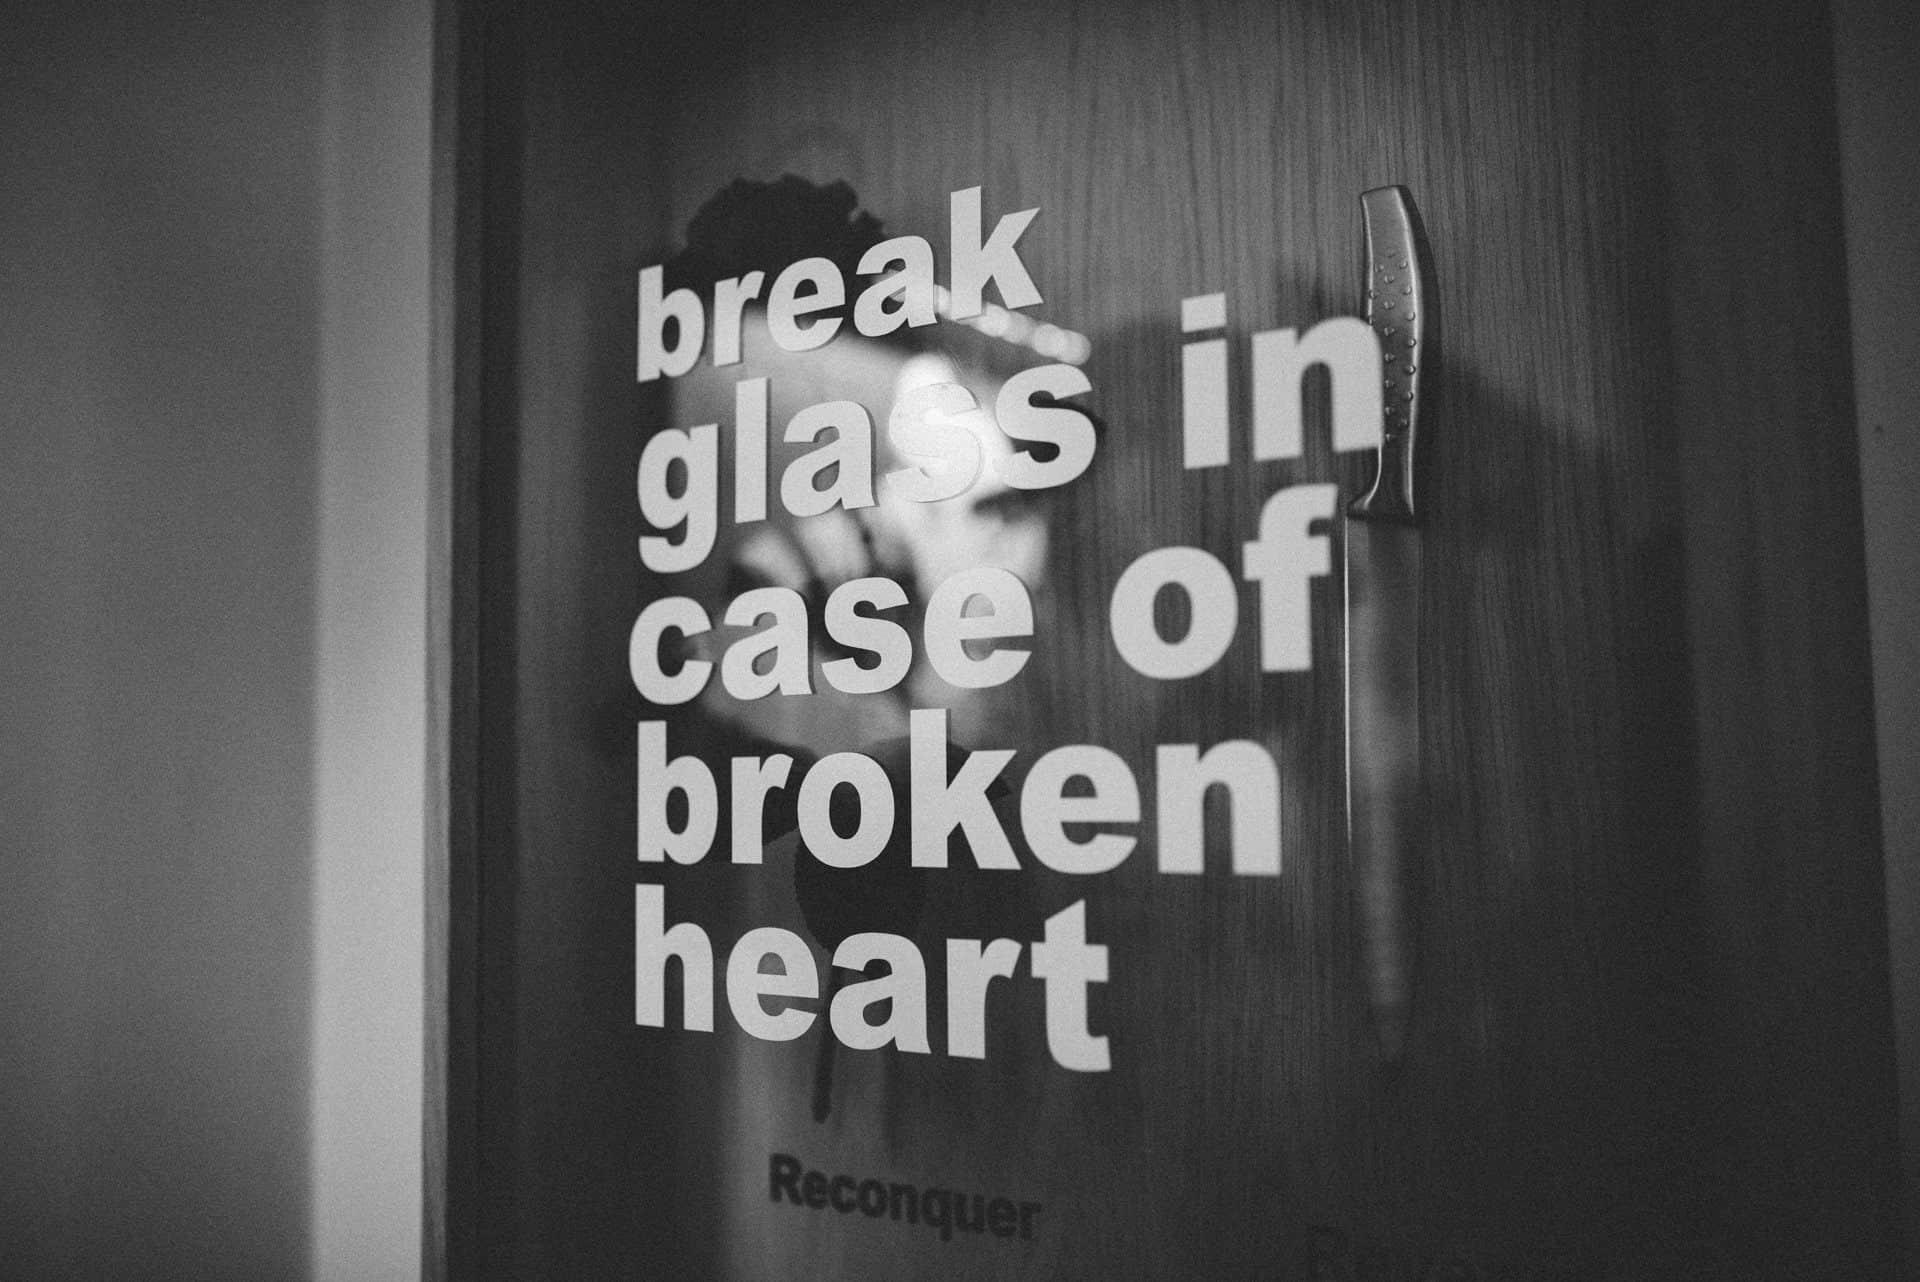 break glass in case of broken heart